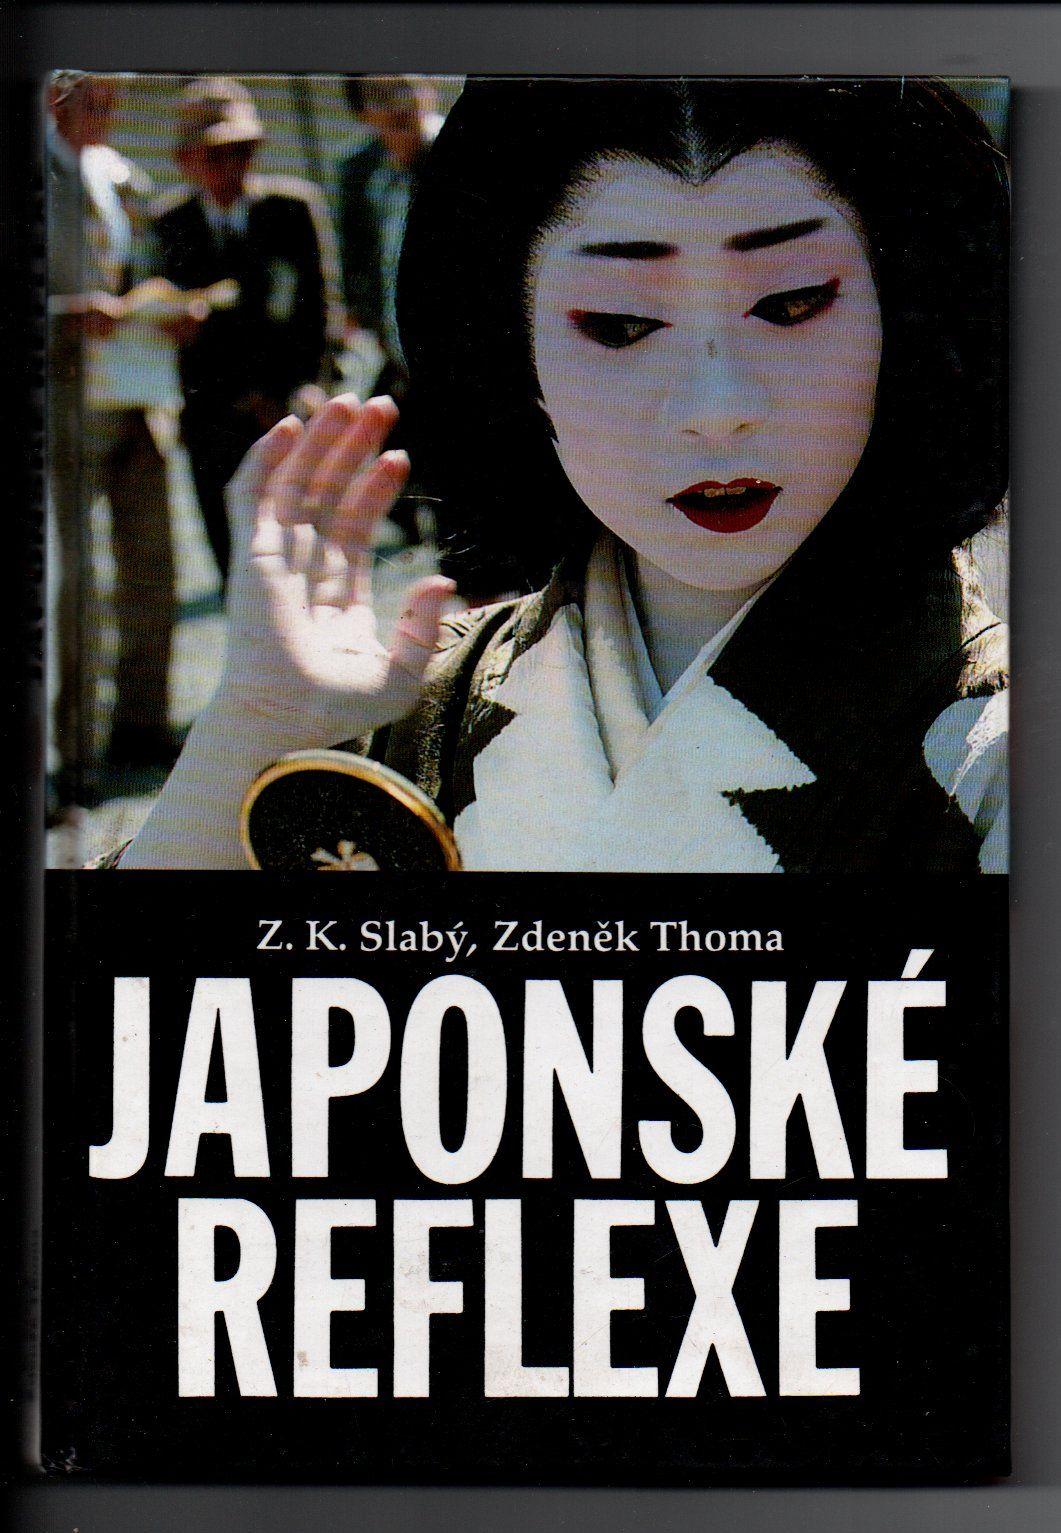 Japonské reflexe - Z. K. Slabý, Zdeněk Thoma